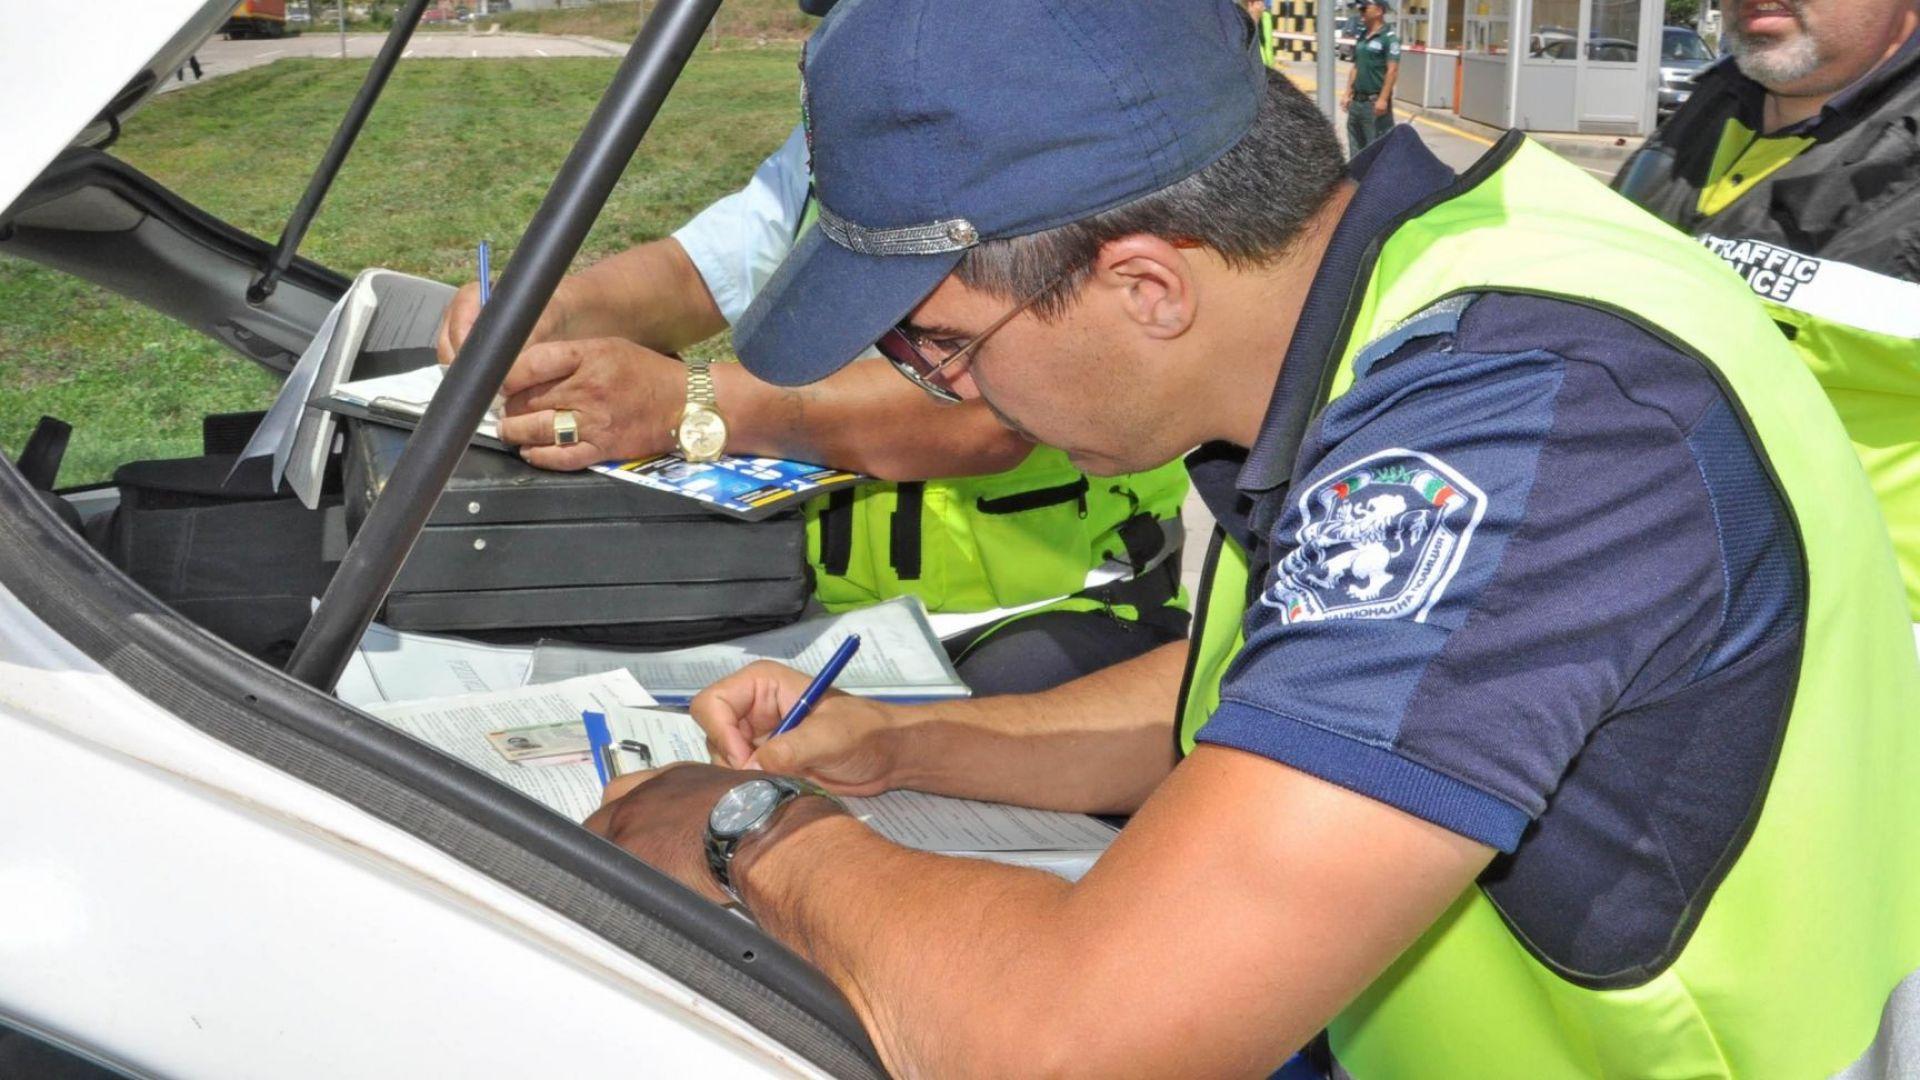 КАТ с акция срещу мобилните телефони при шофиране